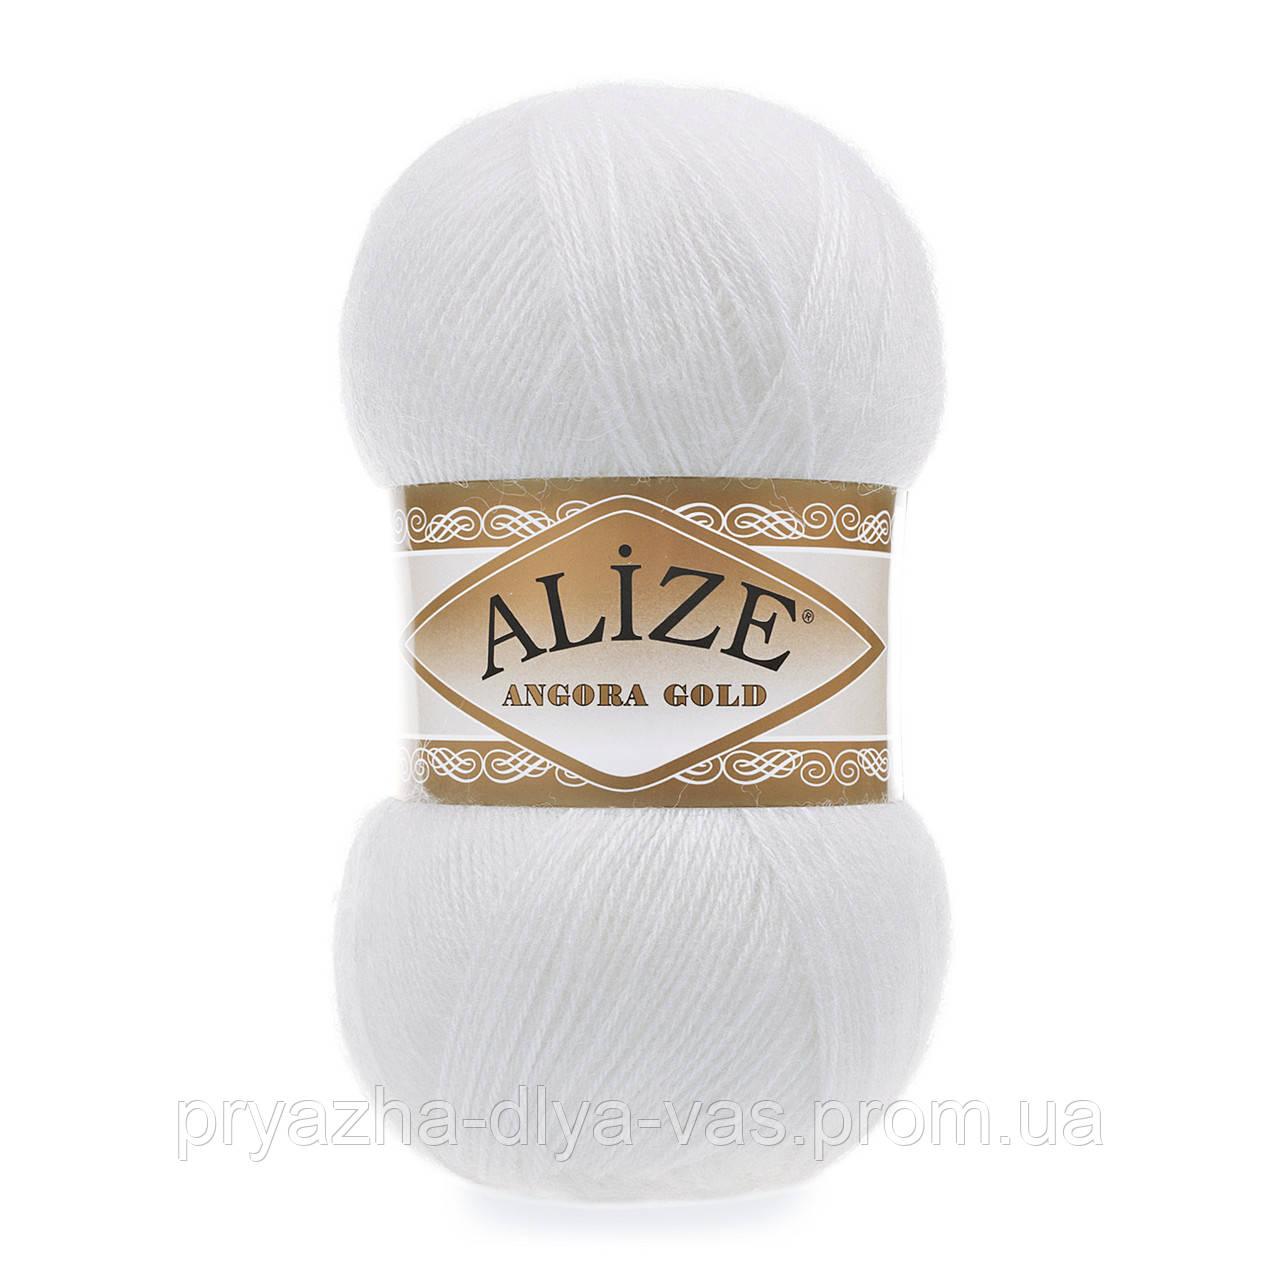 Зимняя пряжа (20% шерсть, 80% акрил; 100г/550м) Alize Angora Gold 55 (белый)